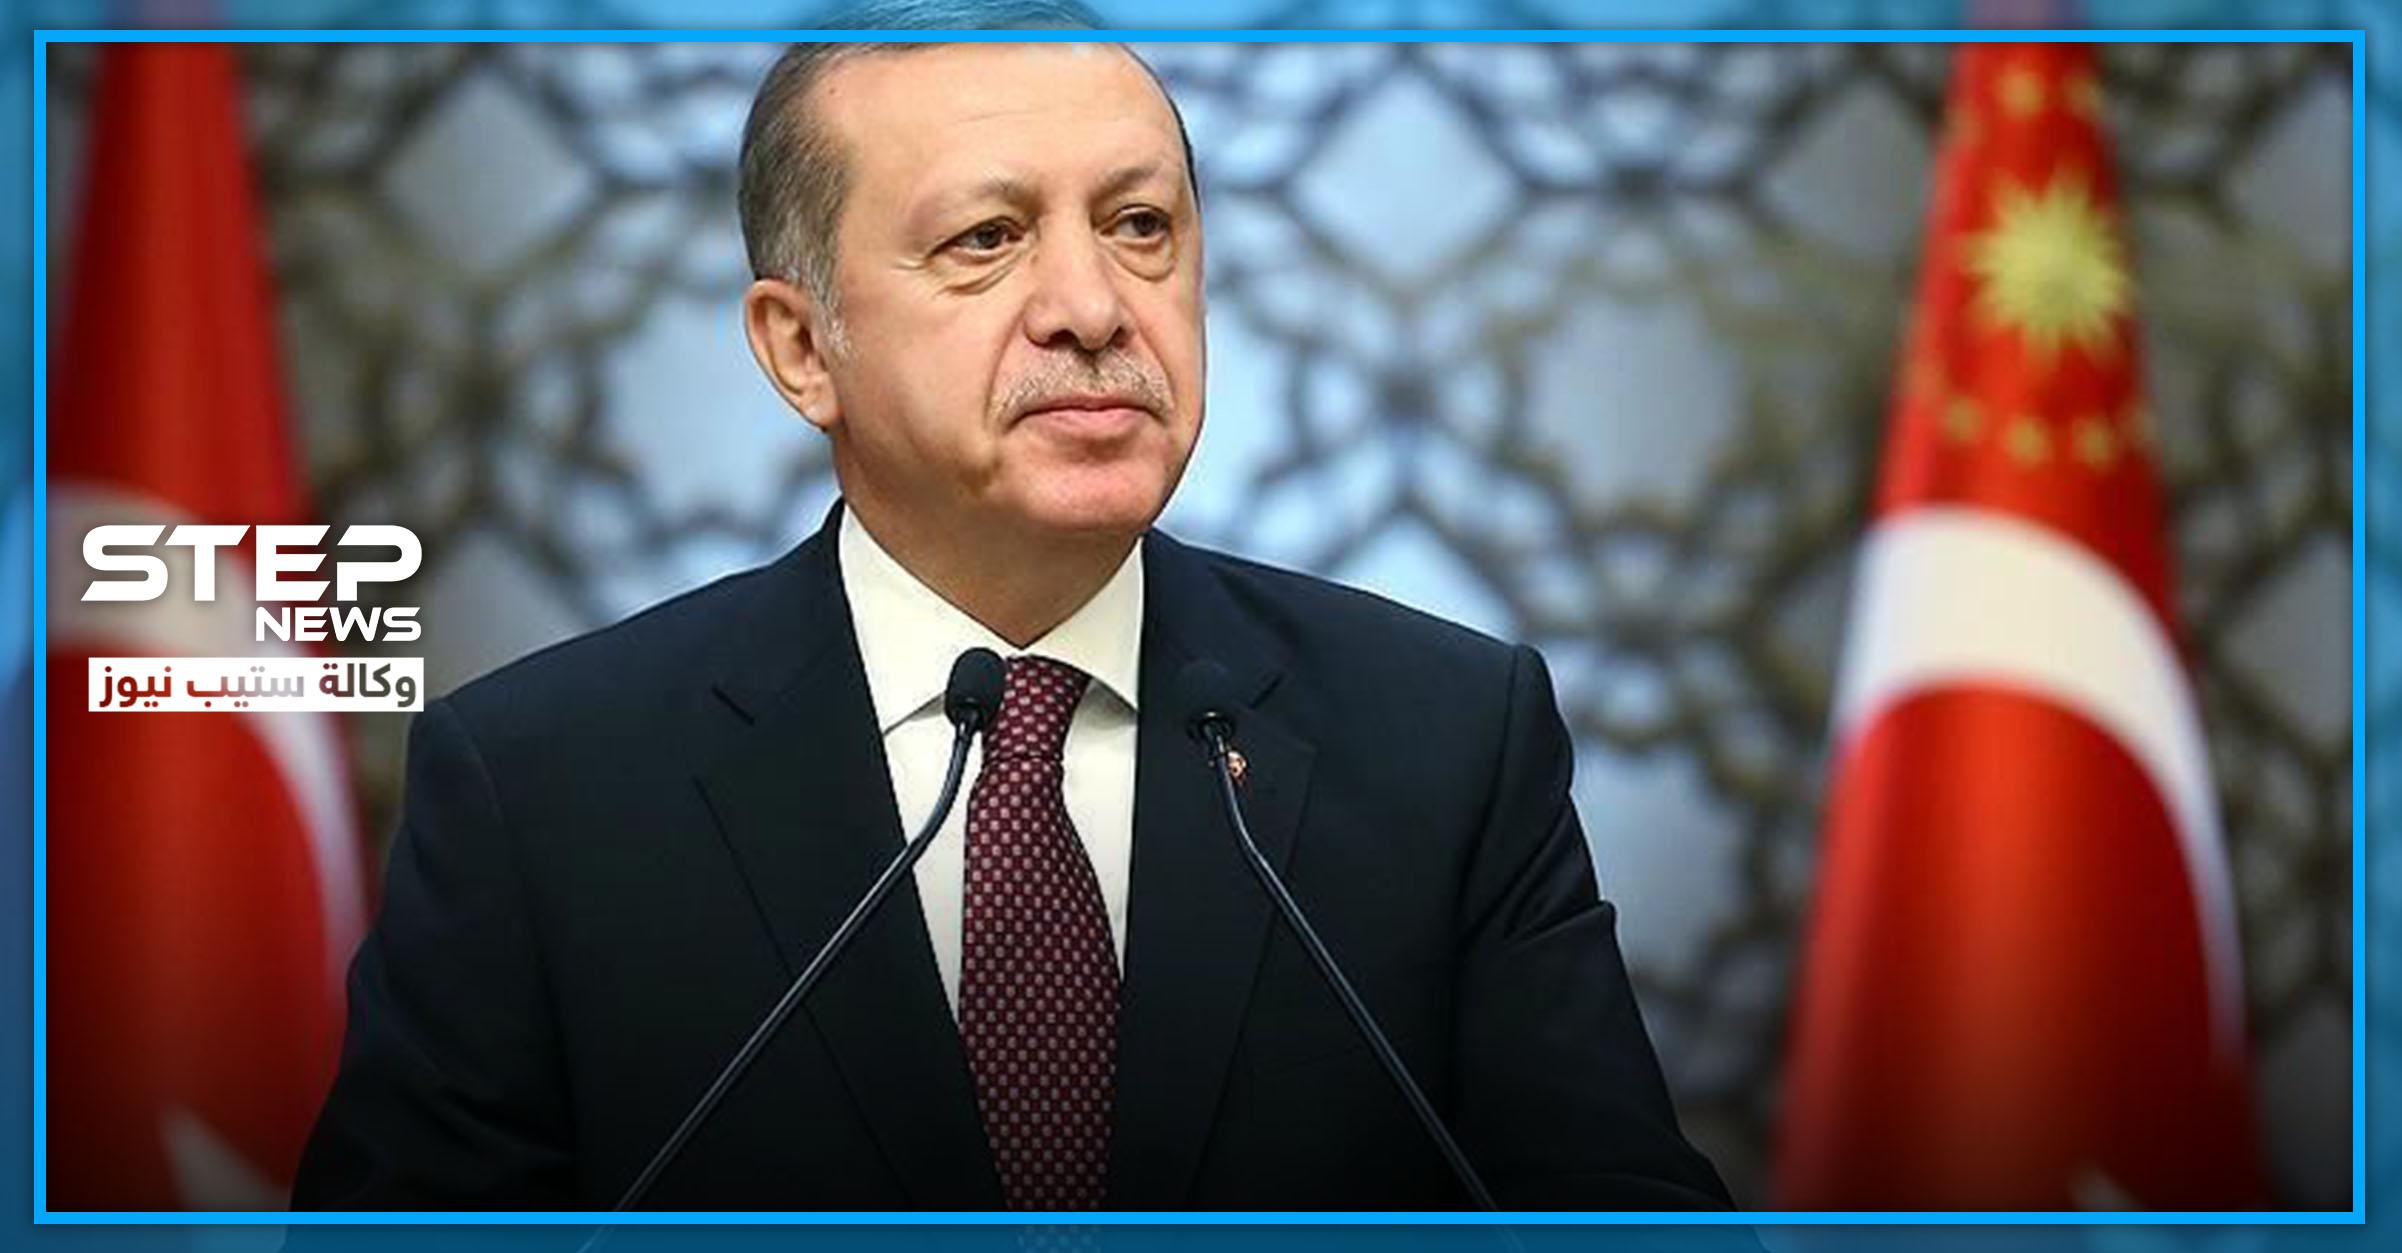 أردوغان يصعّد ويأمر ببناء مسجد بأكثر مكان يستفز فيه اليونان